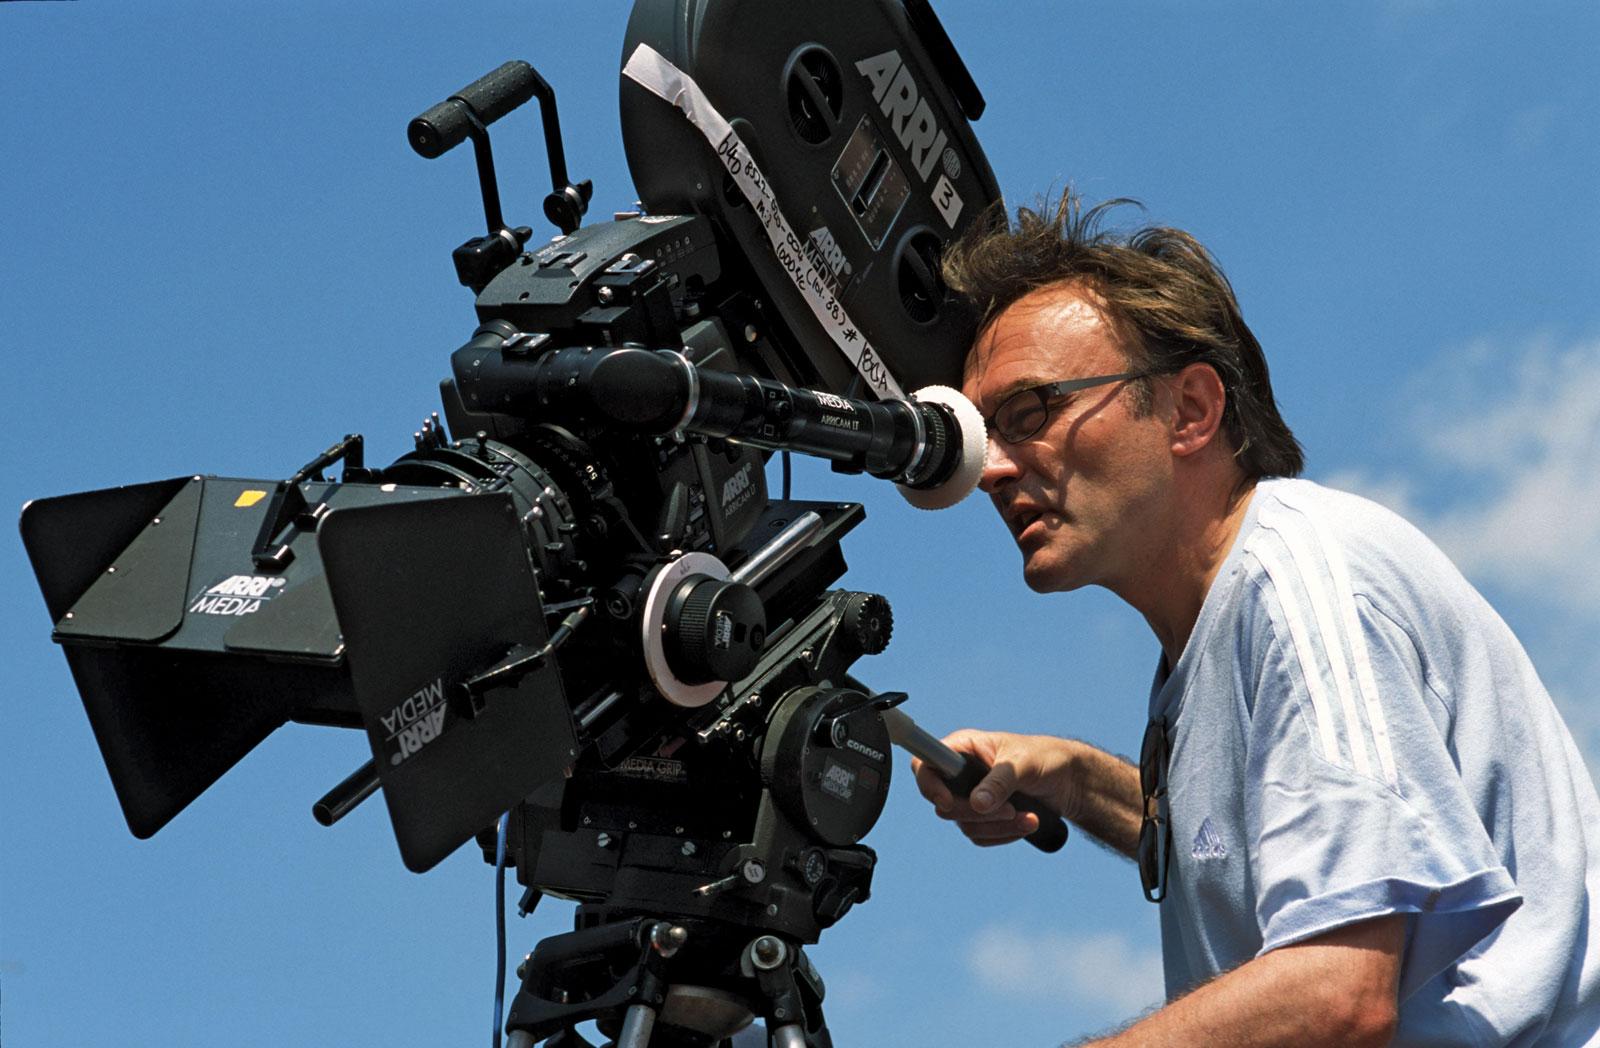 Mükemmel adam nasıl oluşturulur - aktörler ve filmin komplo